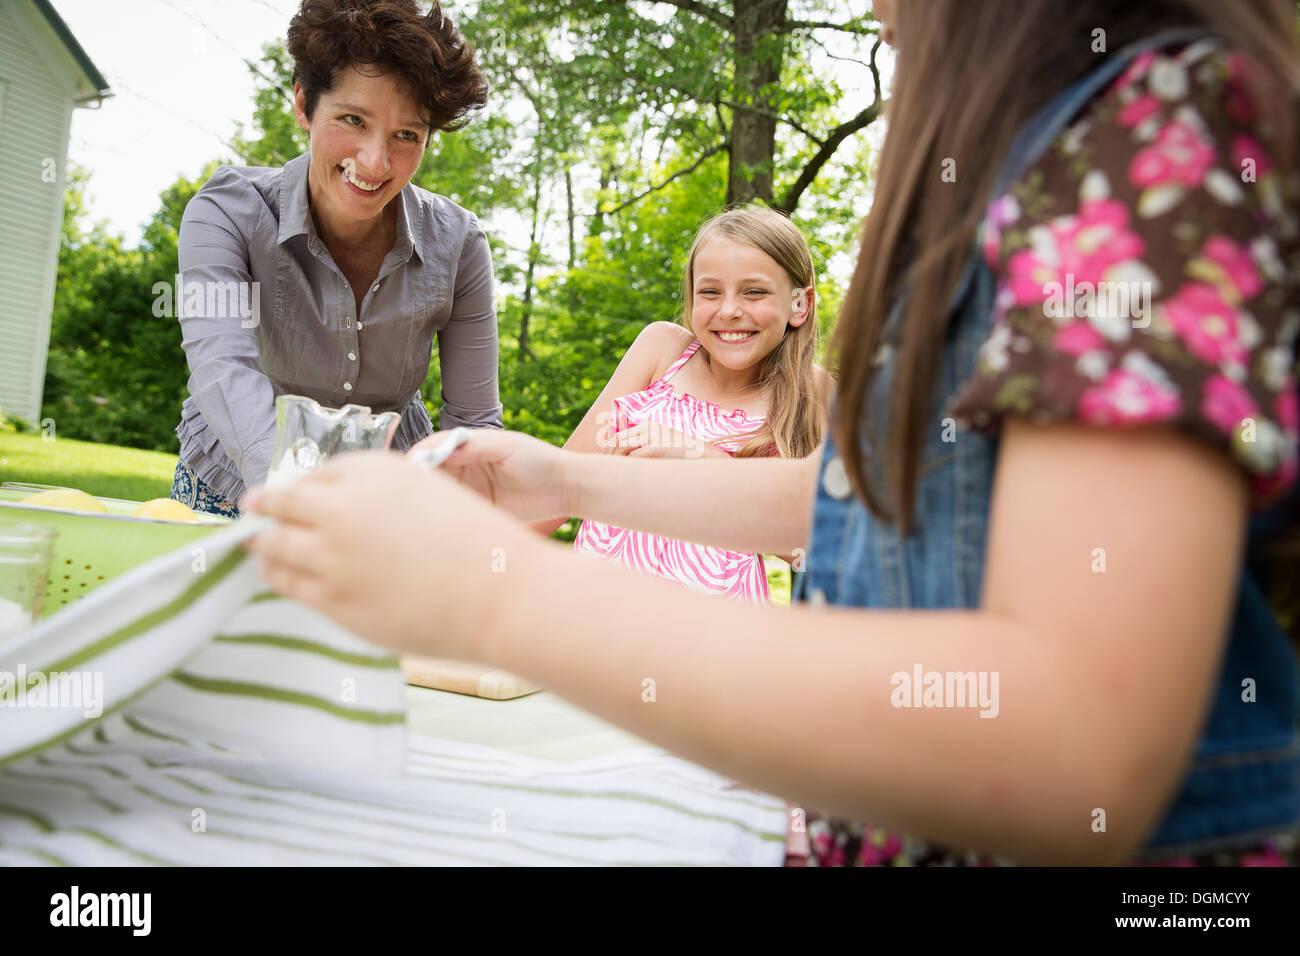 Une réunion de famille d'été dans une ferme. Une femme et deux enfants à l'extérieur par une table, fixant la table. Photo Stock